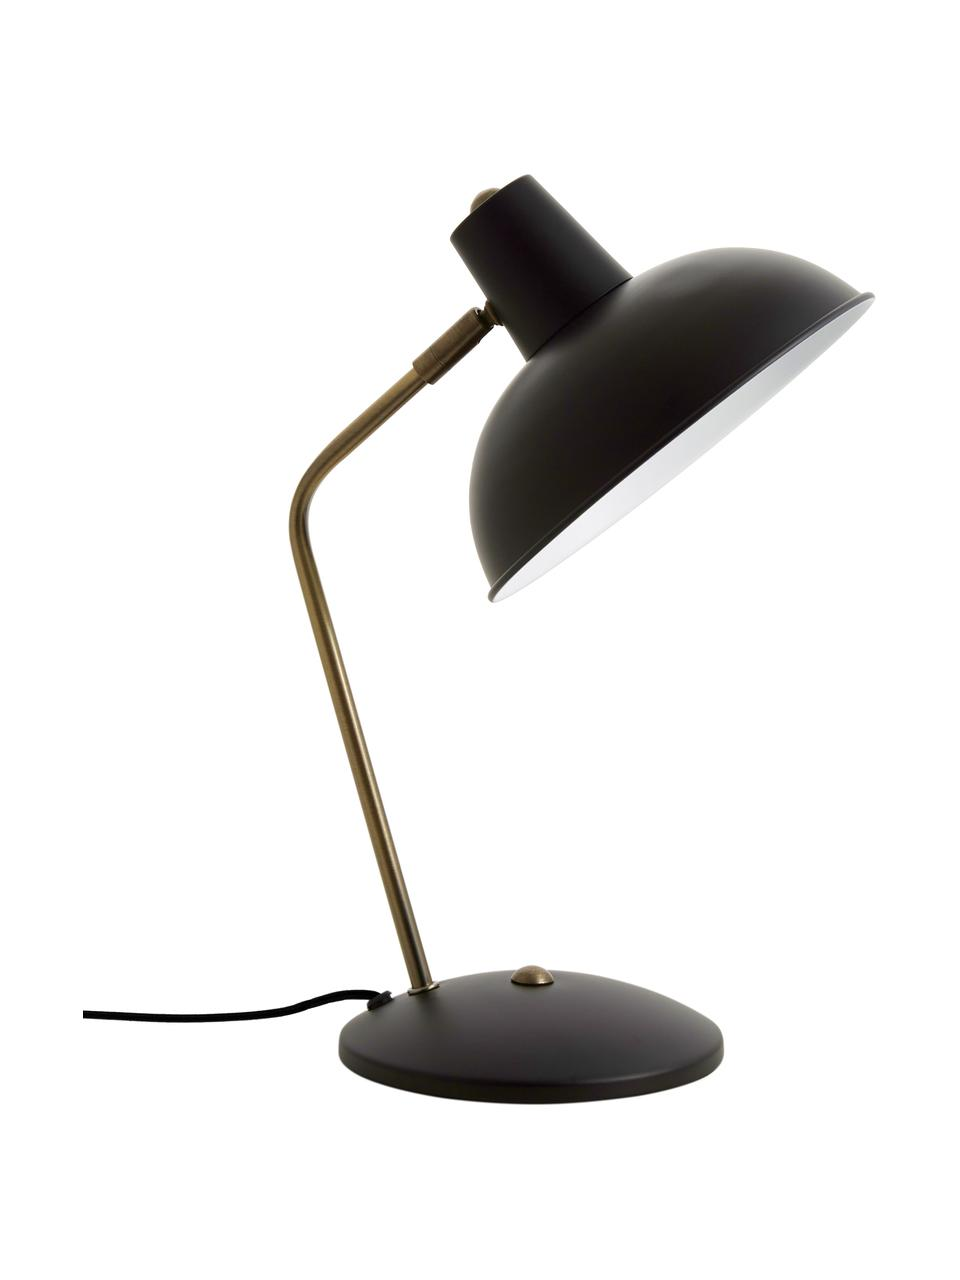 Lampa biurkowa w stylu retro Hood, Lampa: czarny, odcienie mosiądzu Klosz wewnątrz: biały, S 20 x W 38 cm